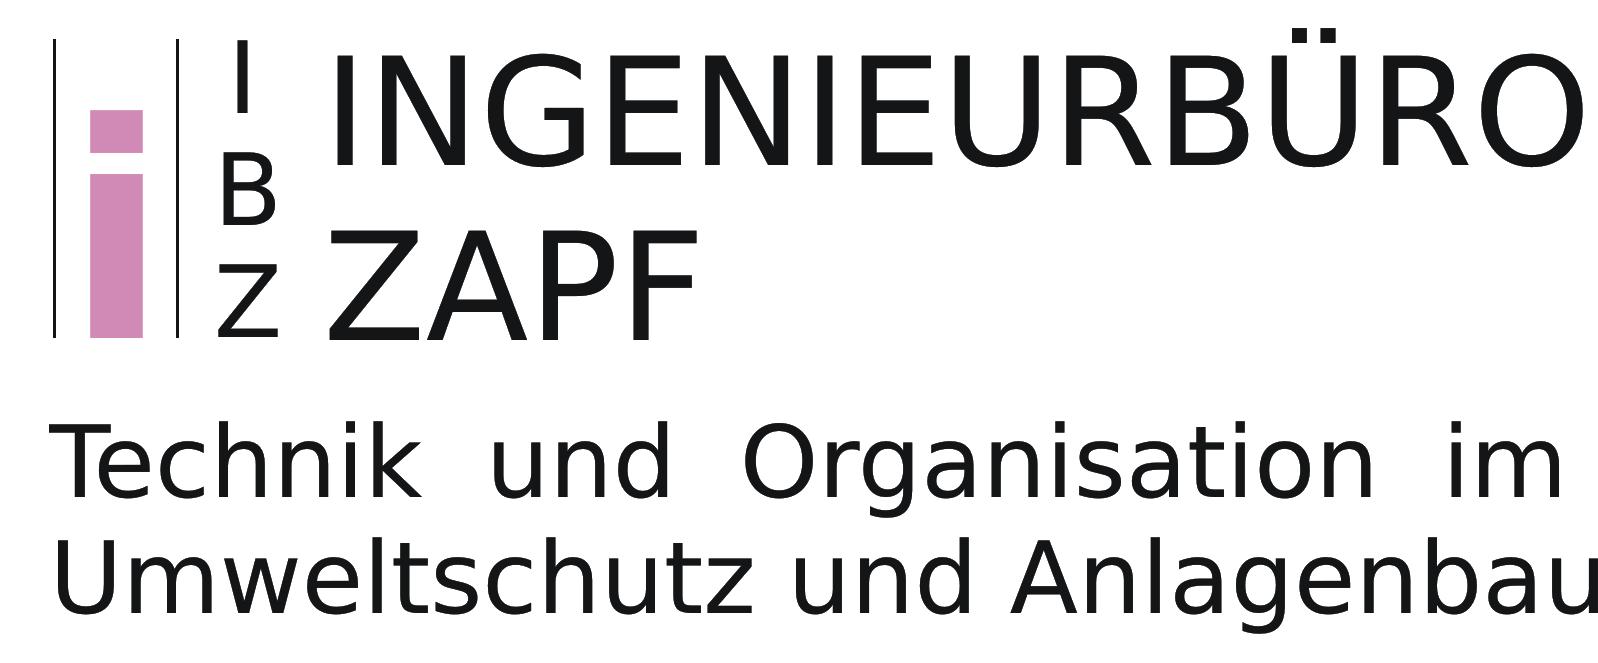 IBZ Ingenieurbüro Zapf